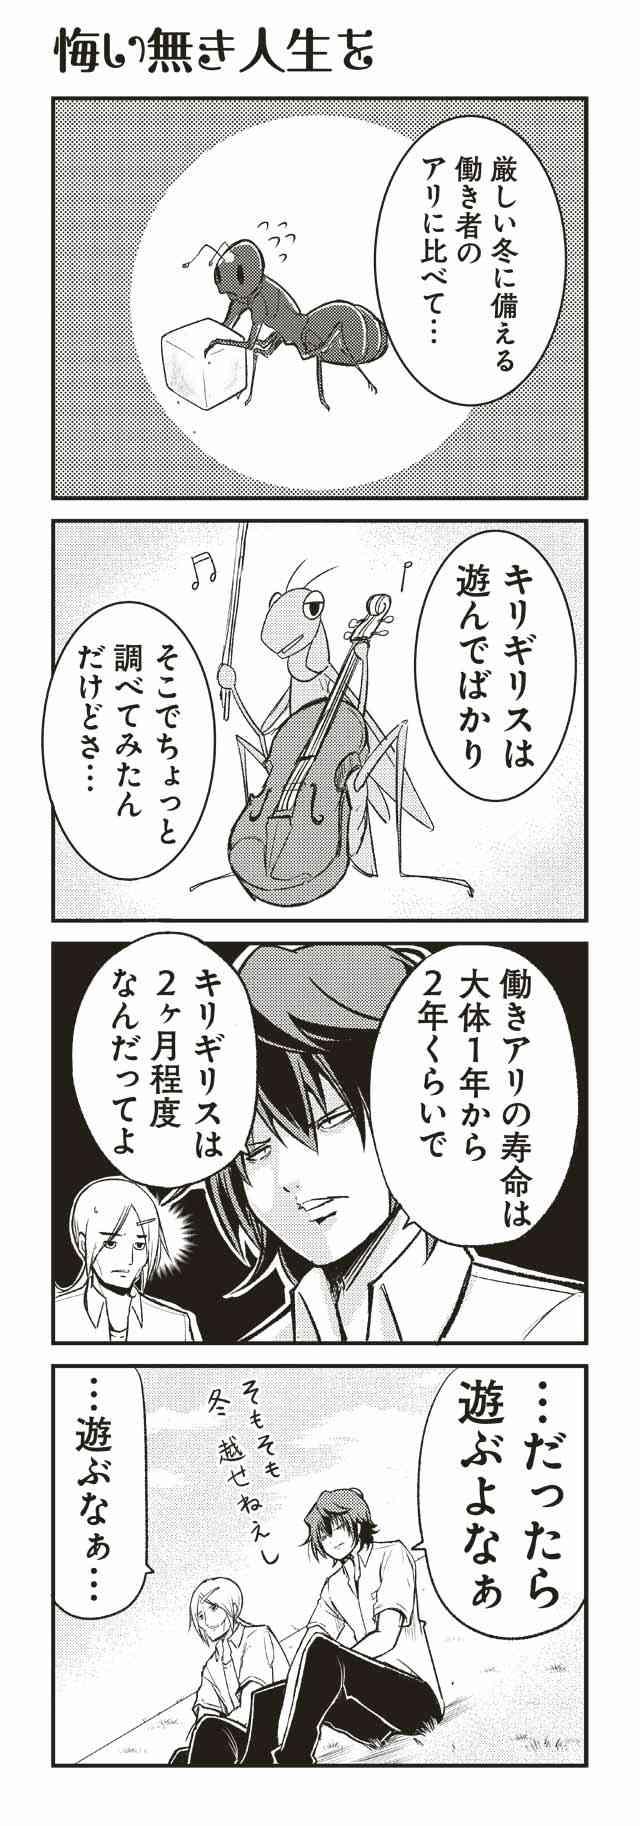 日本初の「4コマ漫画専門SNS」が登場!誰でも気軽に投稿・閲覧可能